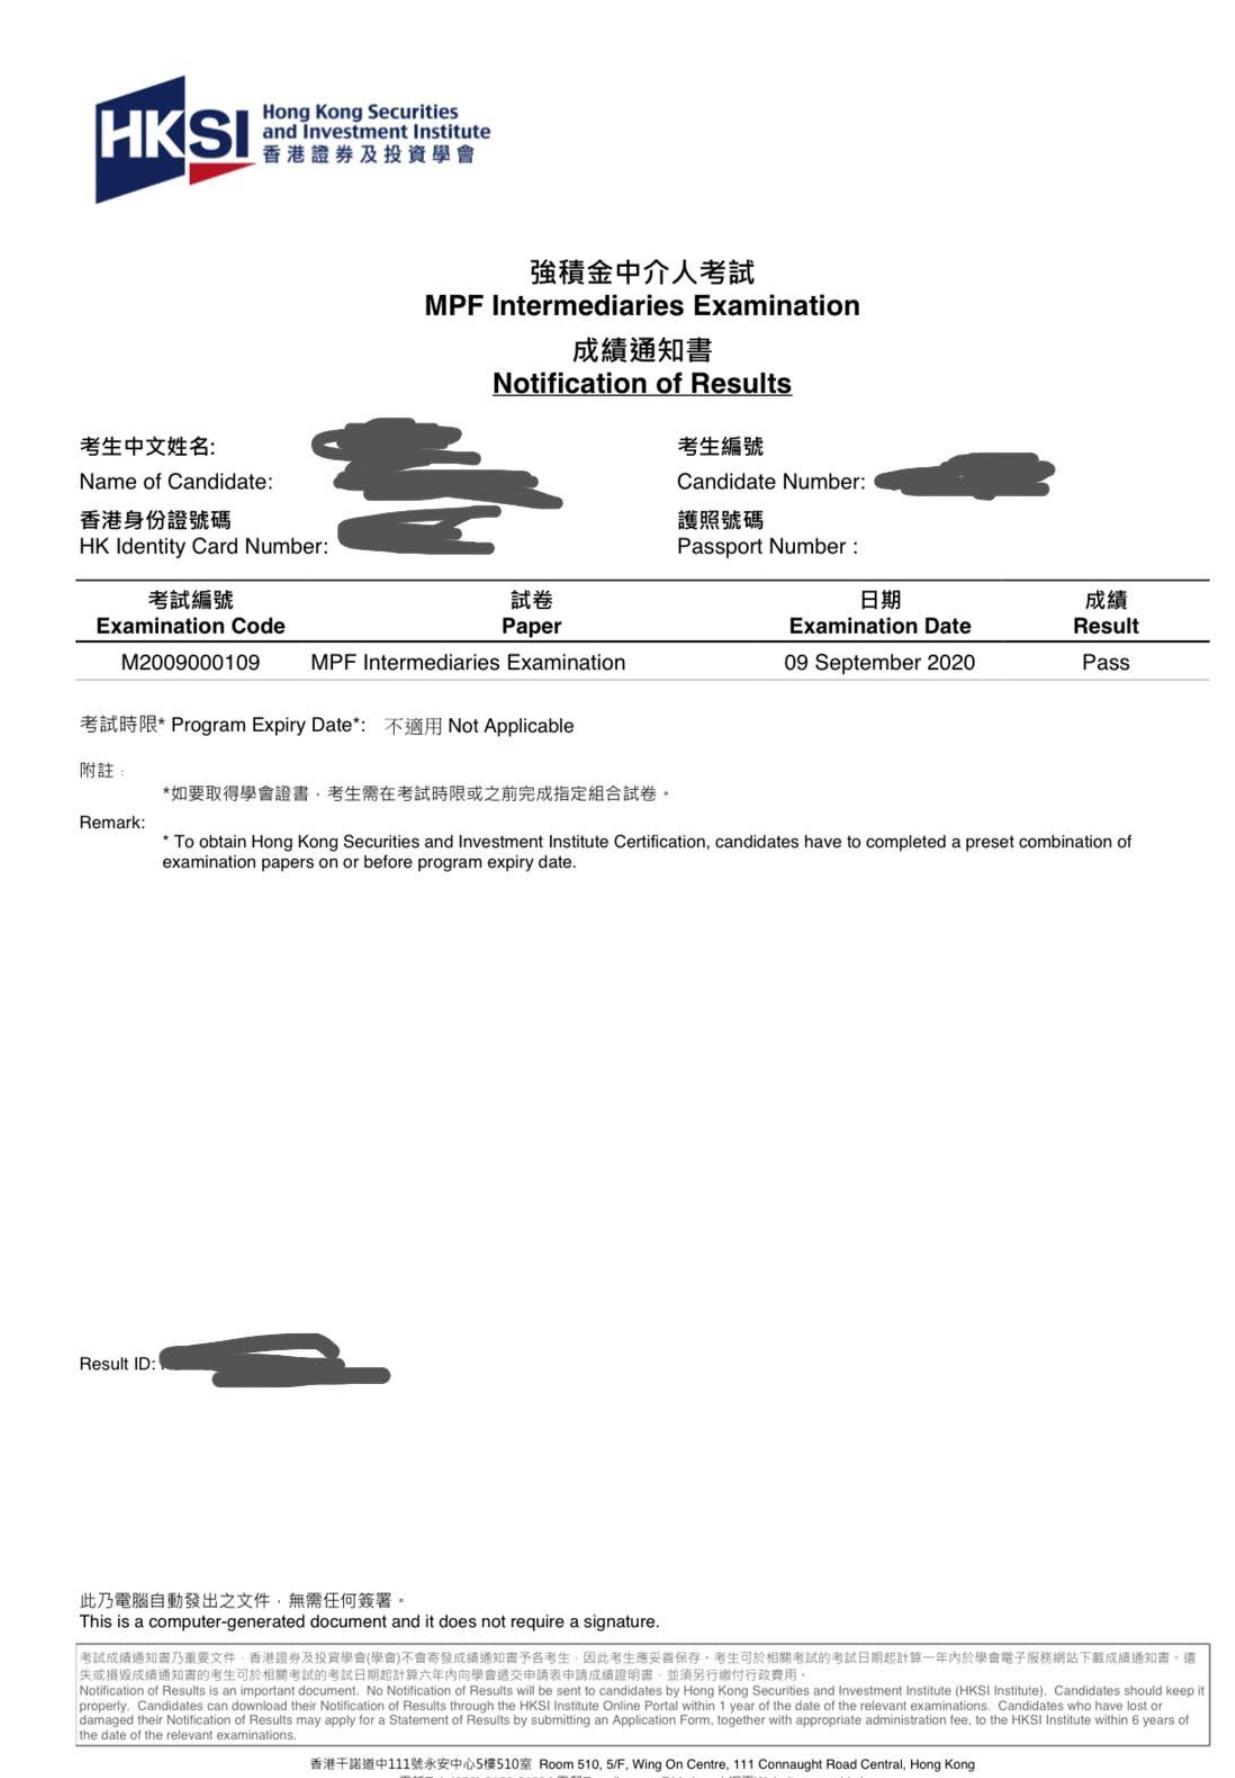 SCC 09/09/2020 MPFE 強積金中介人資格考試 Pass